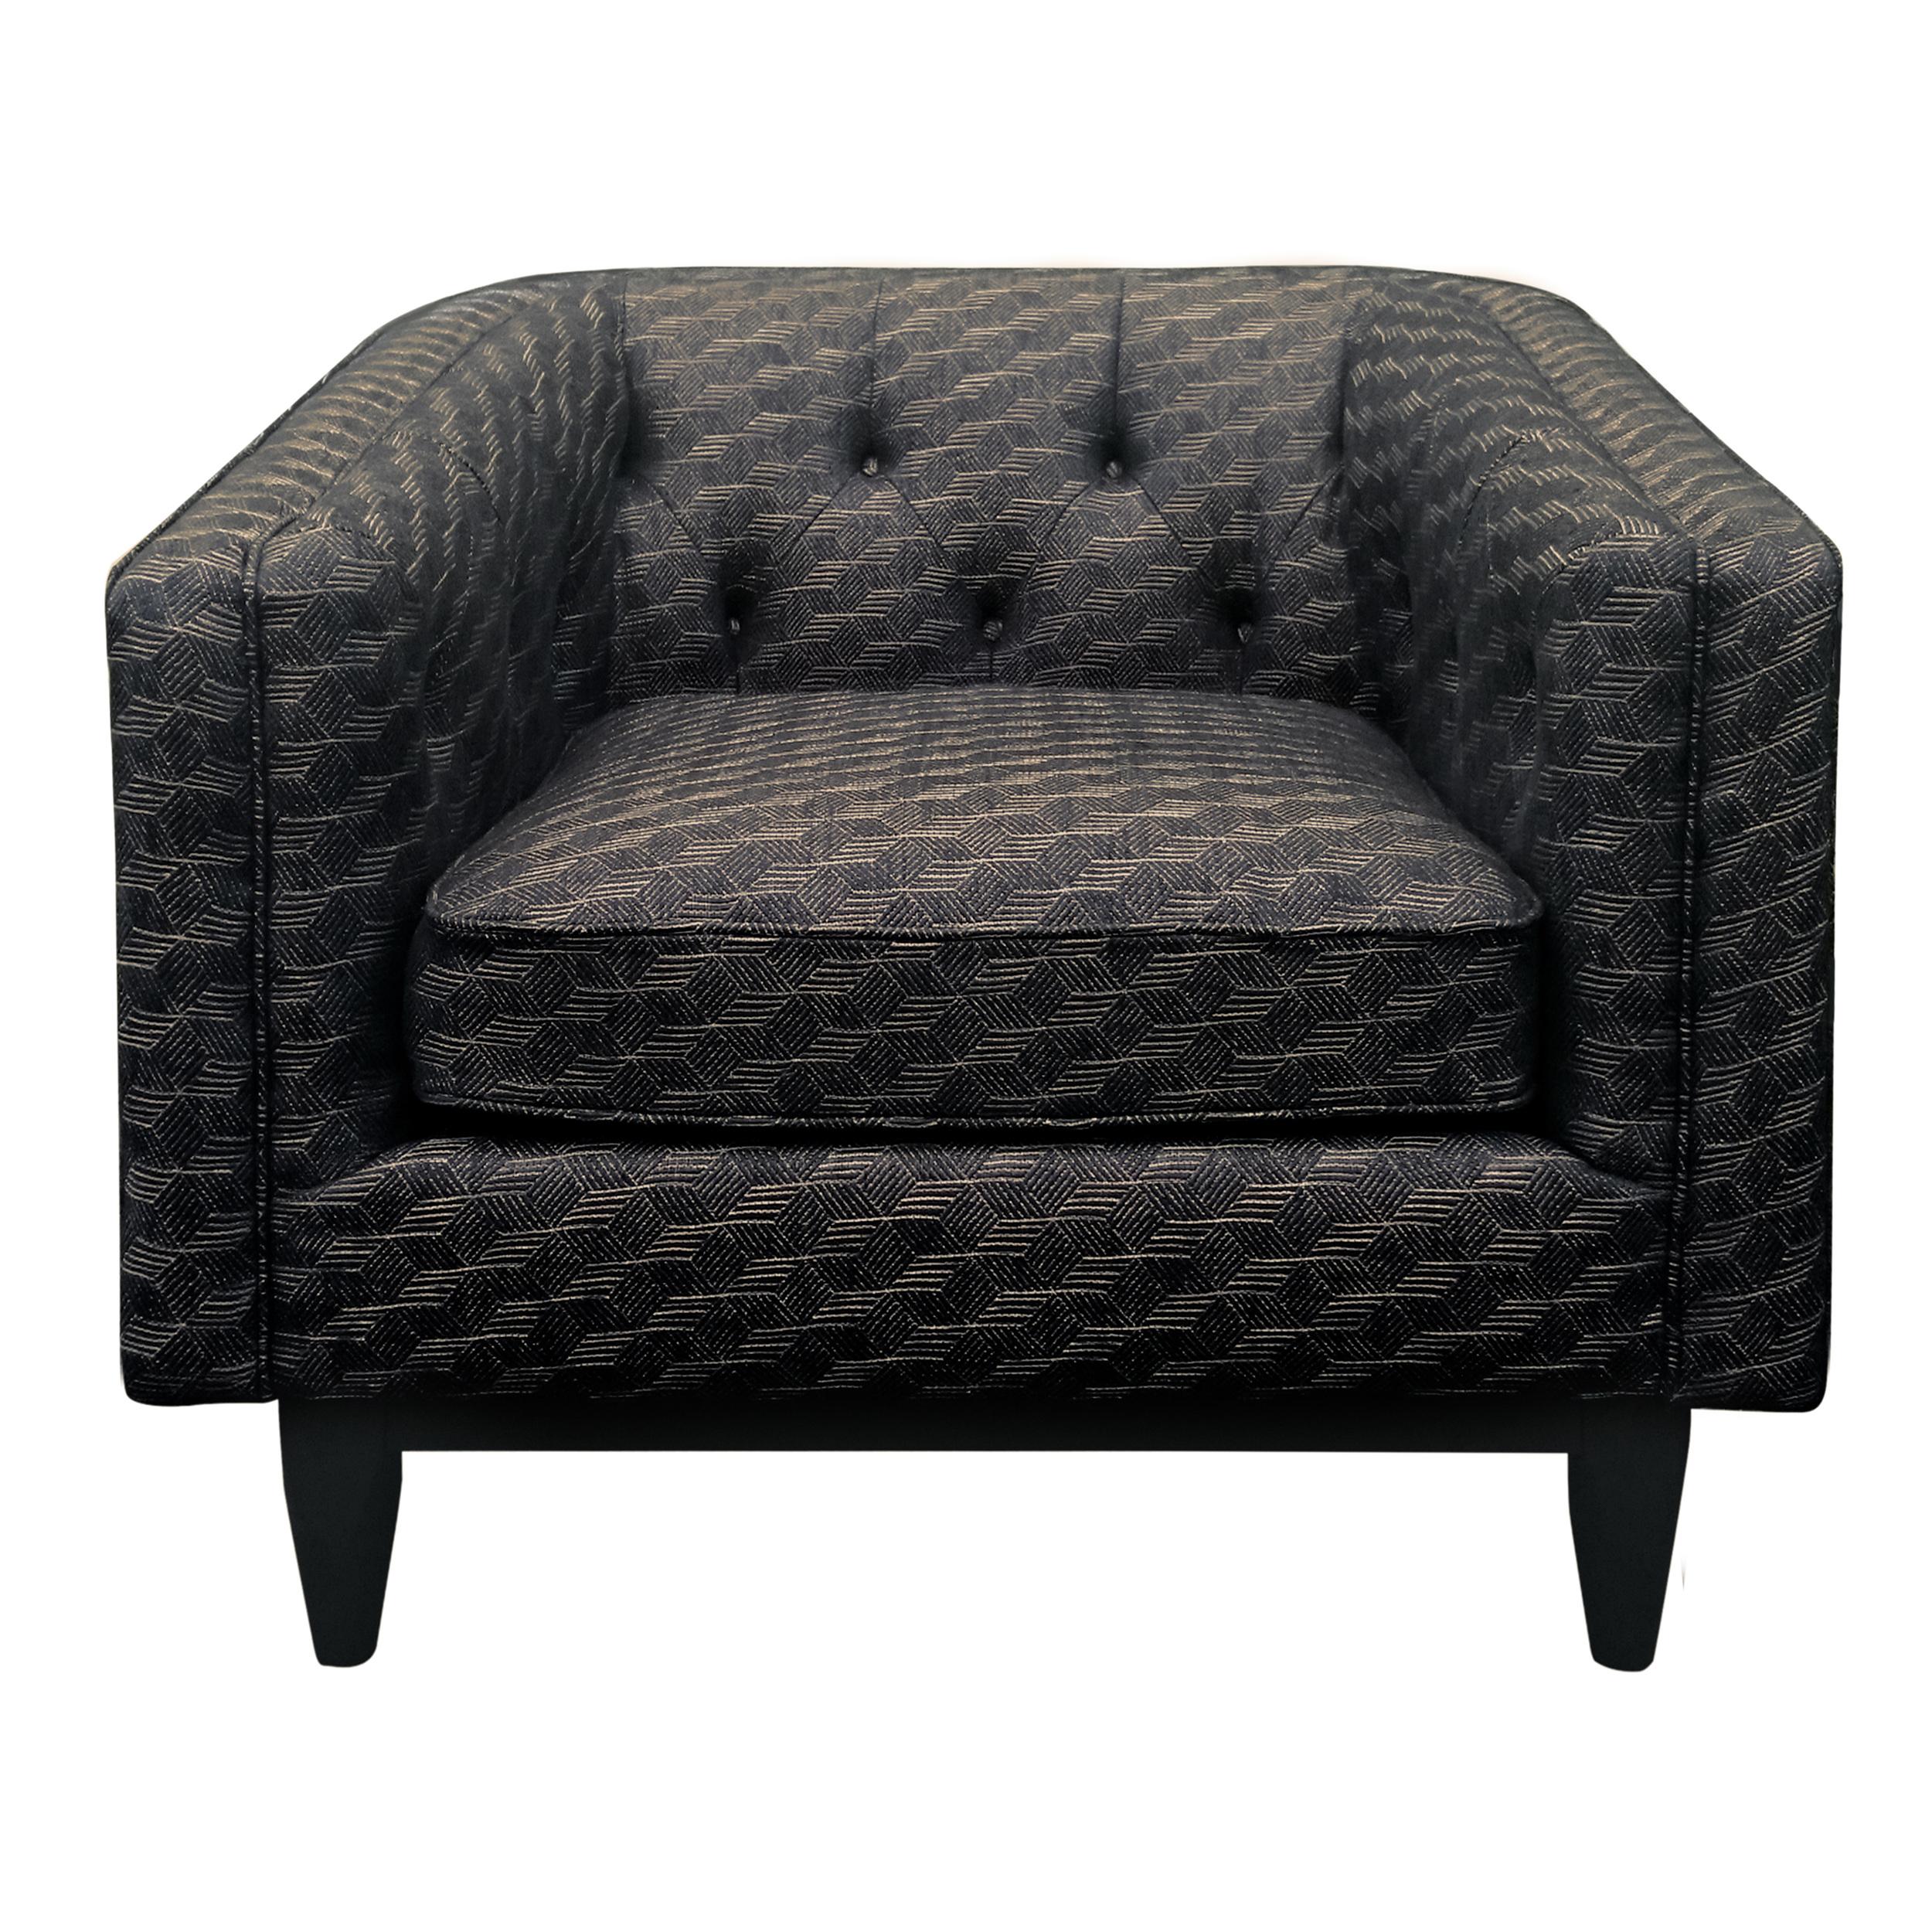 fabric_textiles_bespoke_glasgow_bobbin_fleck_furniture_upholstery_re-upholster_traditional_modern_cane_mid-century_vintage_restore_velvet_living_frasers.jpg